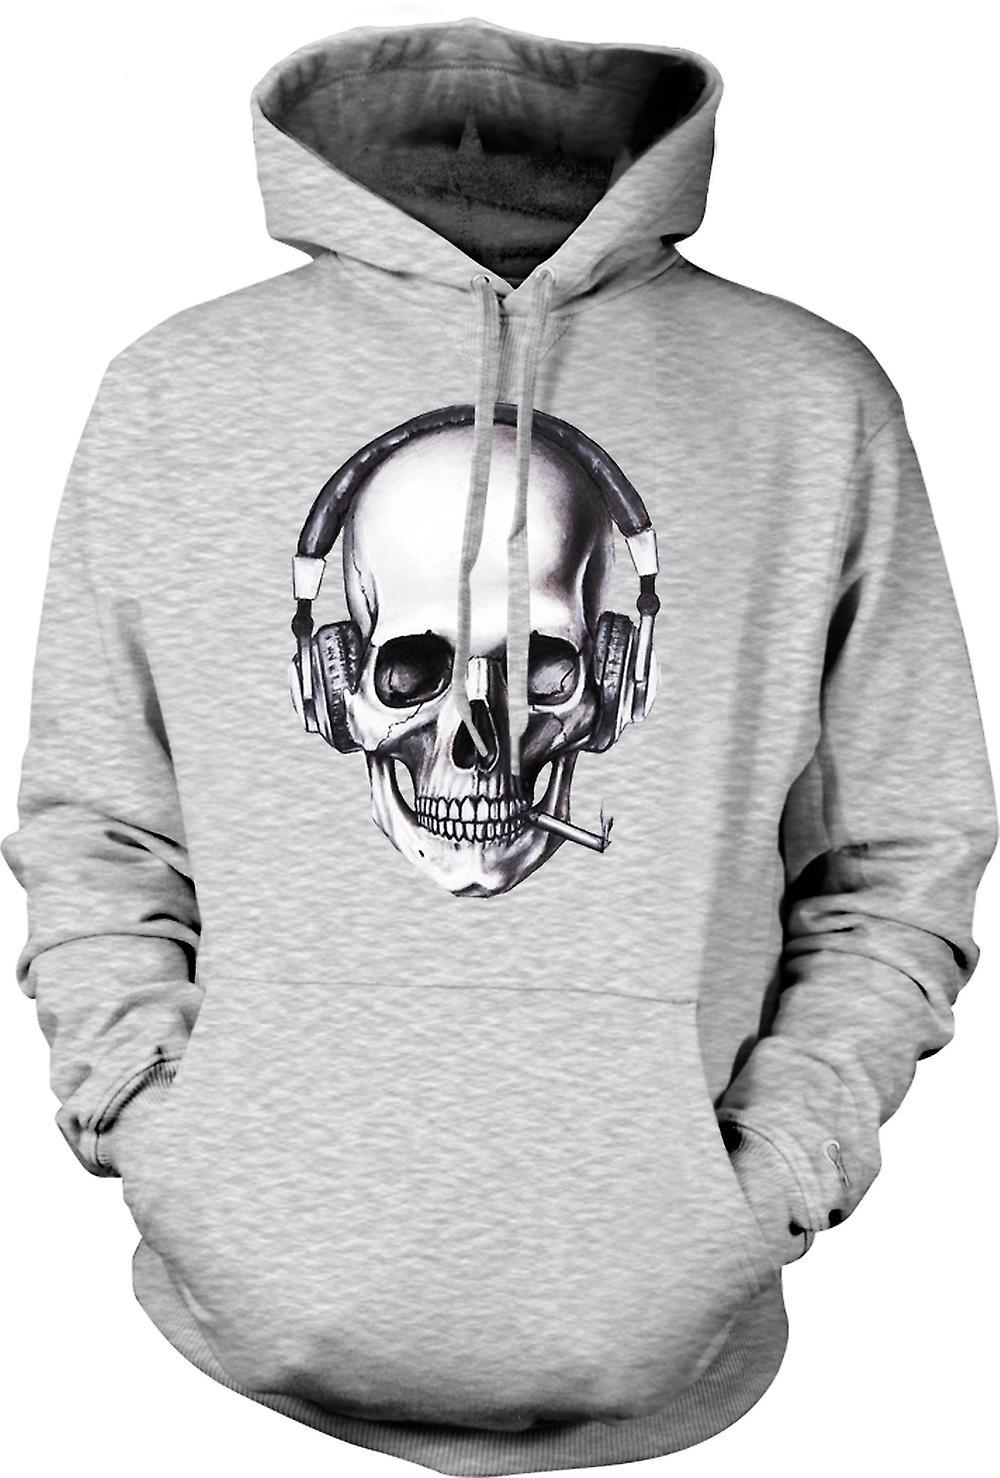 Mens Hoodie - Skull DJ Headphones